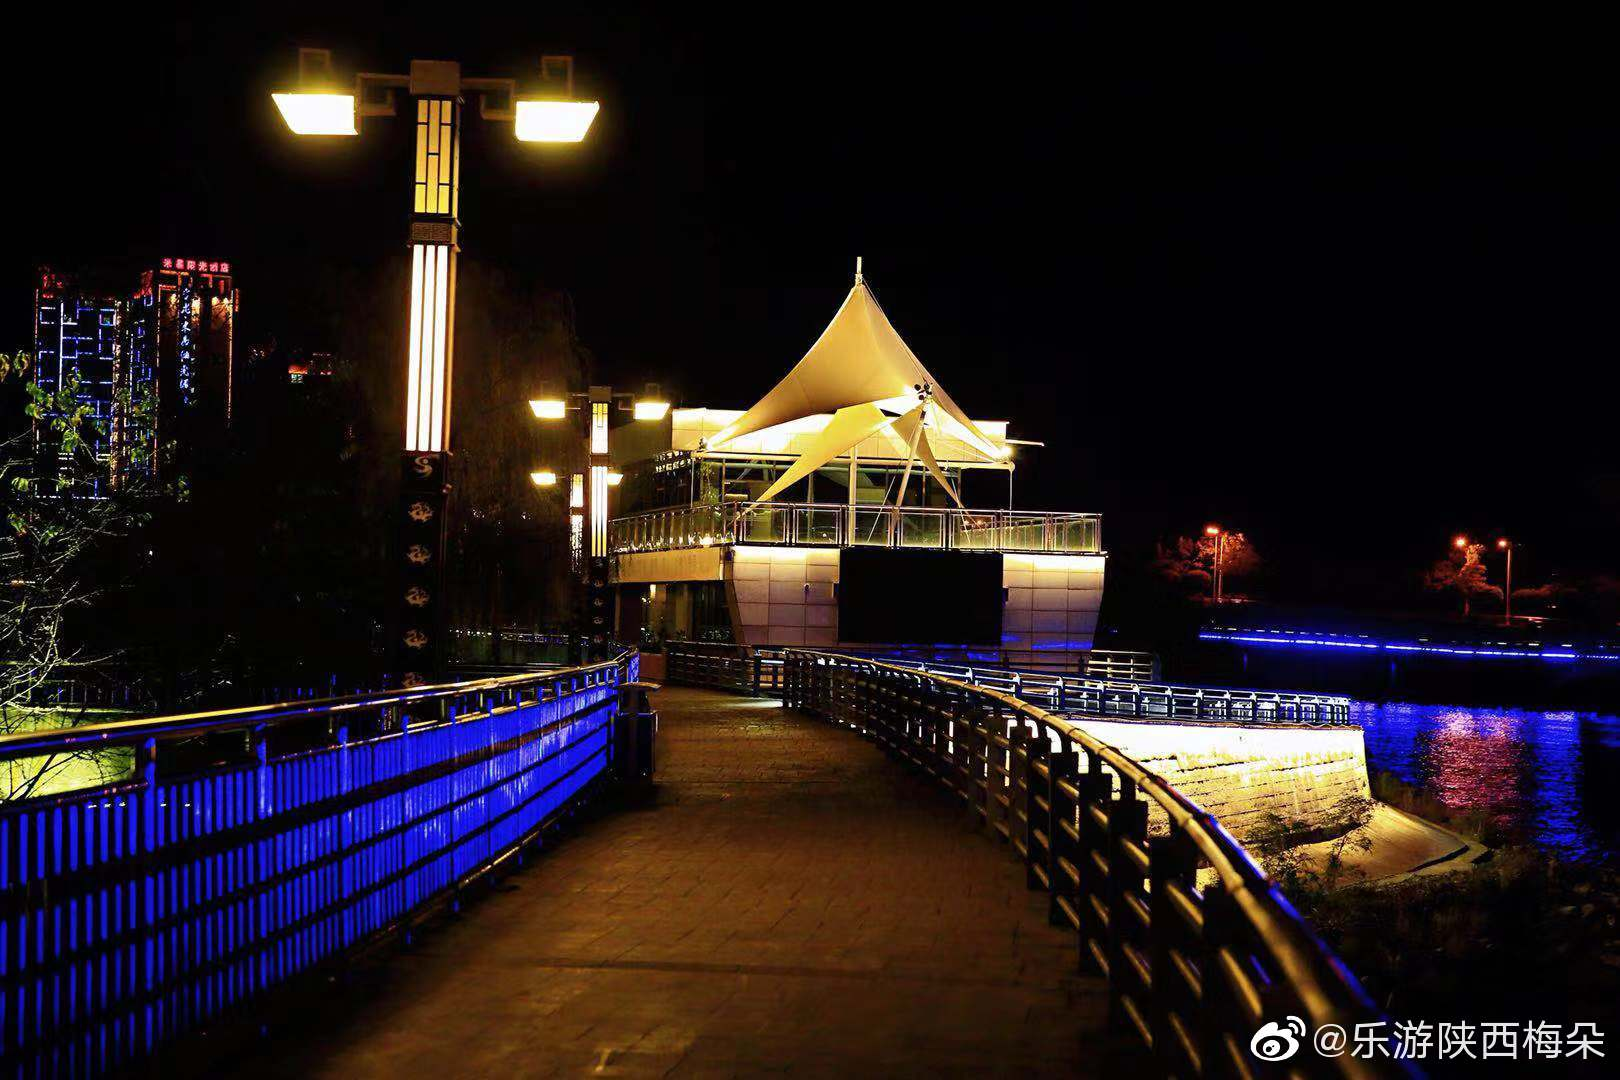 四川攀枝花华丽夜景